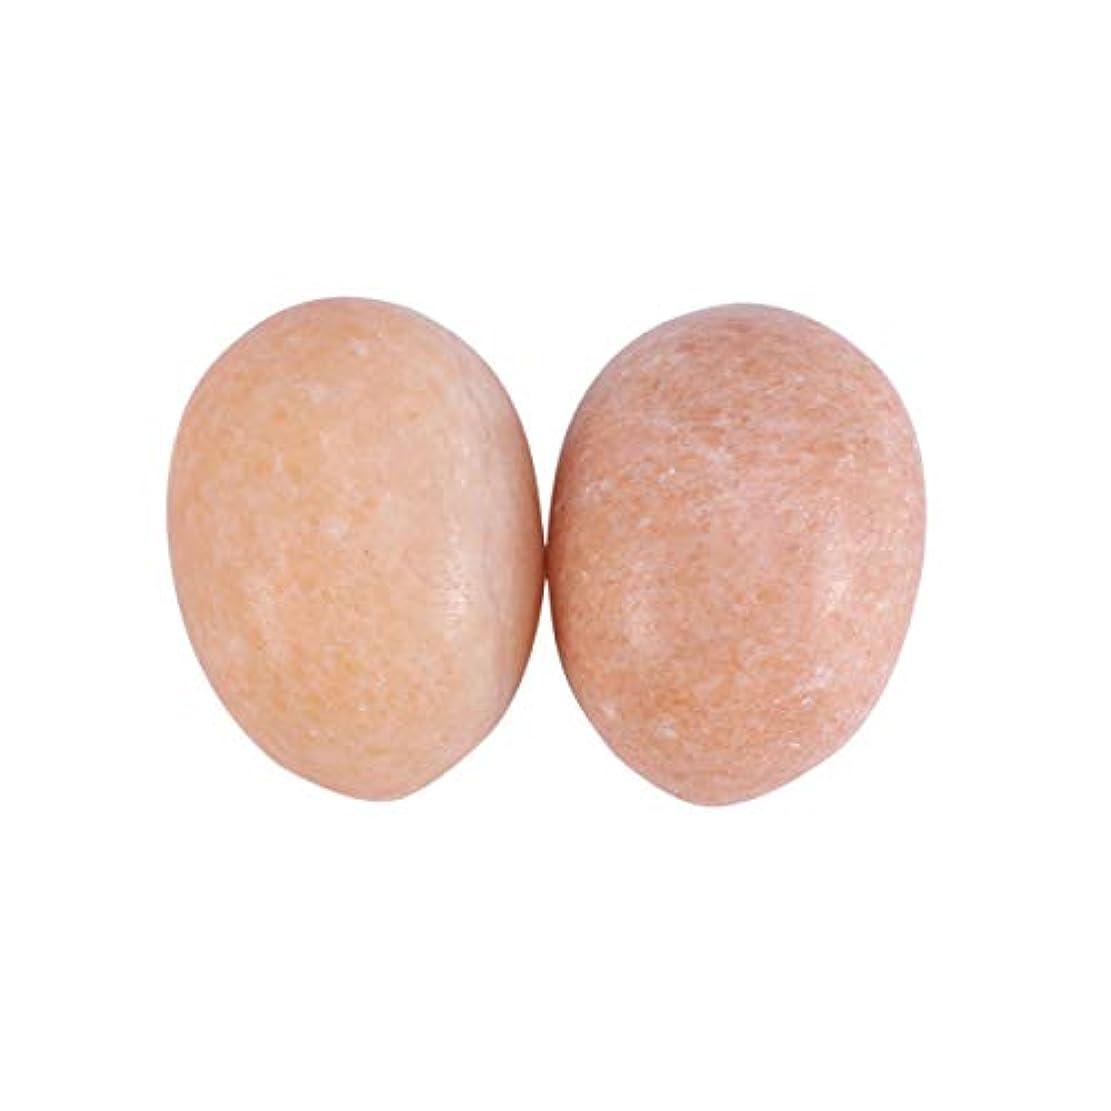 一貫性のない細心の挽くHealifty 妊娠中の女性のためのマッサージボール6個玉ヨニ卵骨盤底筋マッサージ運動膣締め付けボールヘルスケア(サンセットレッド)